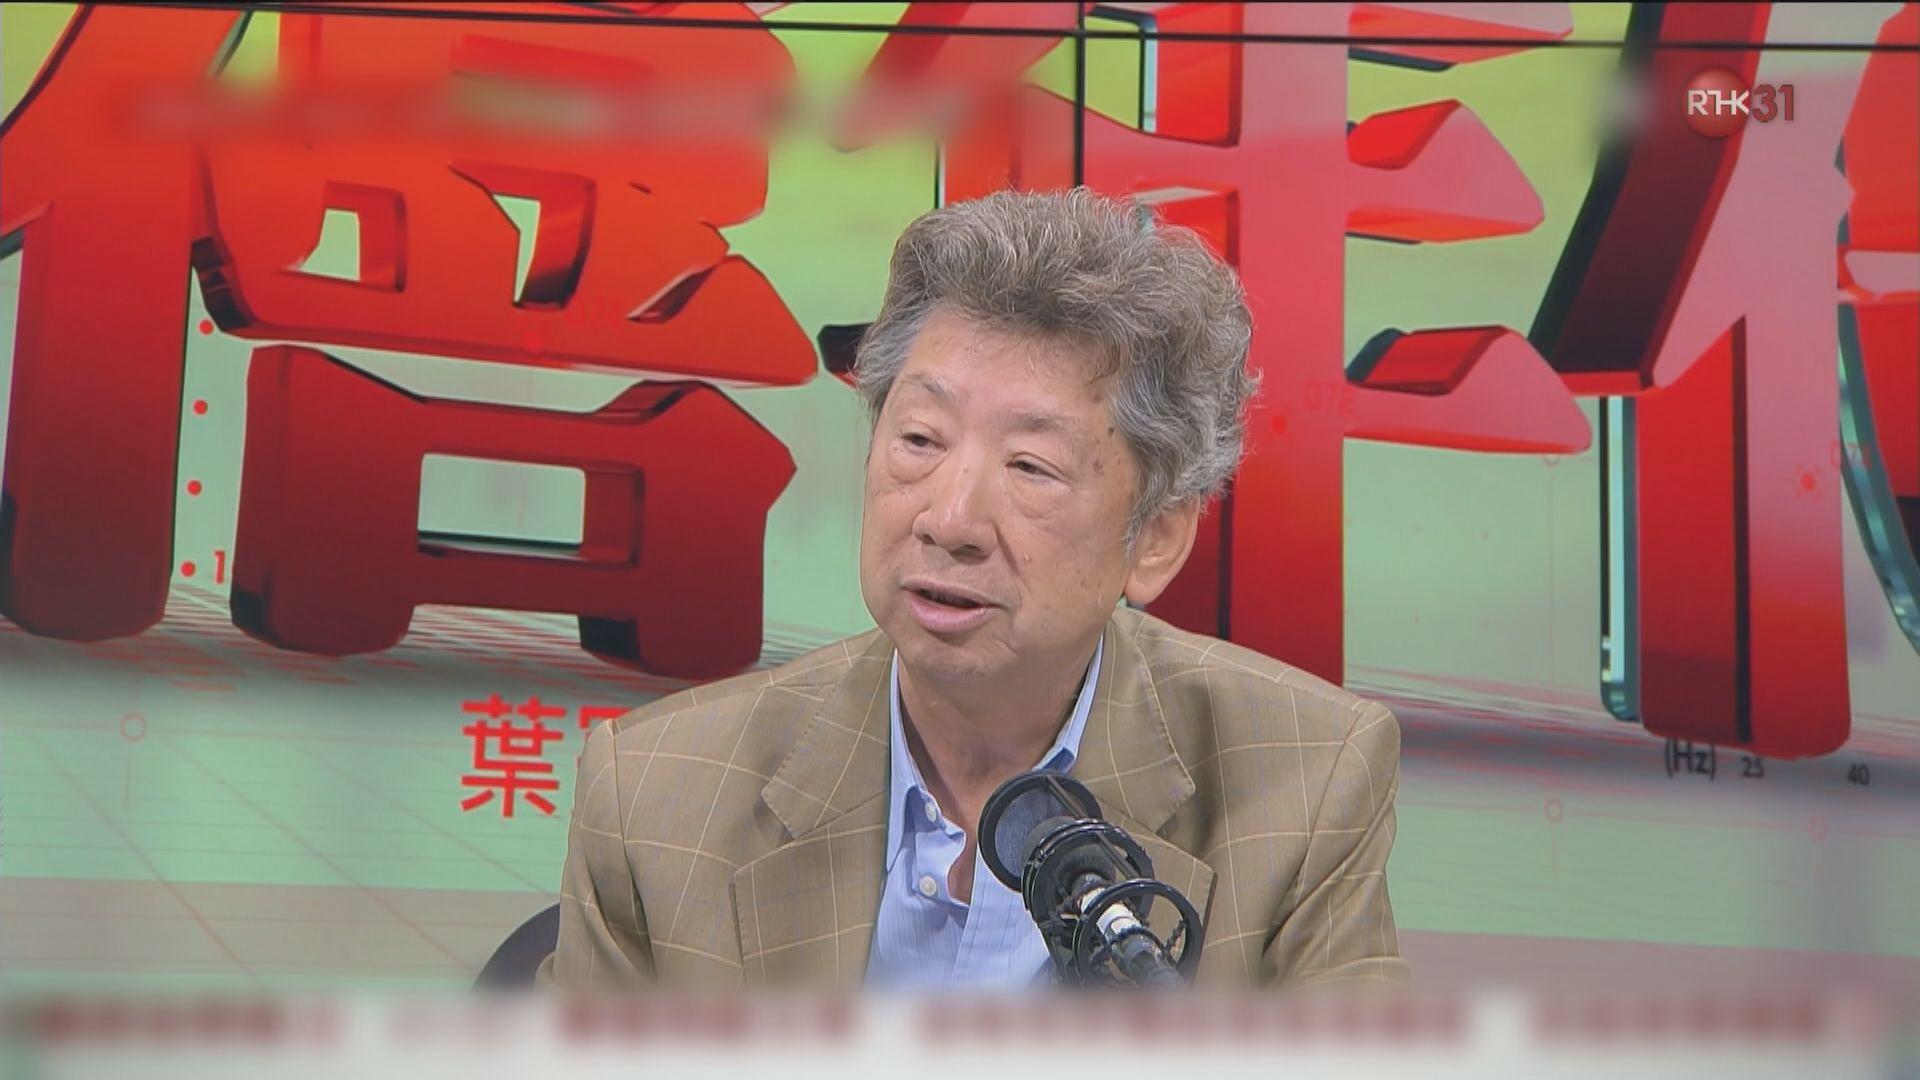 湯家驊:可加條文要求涉及國家盡量執行國際人權公約